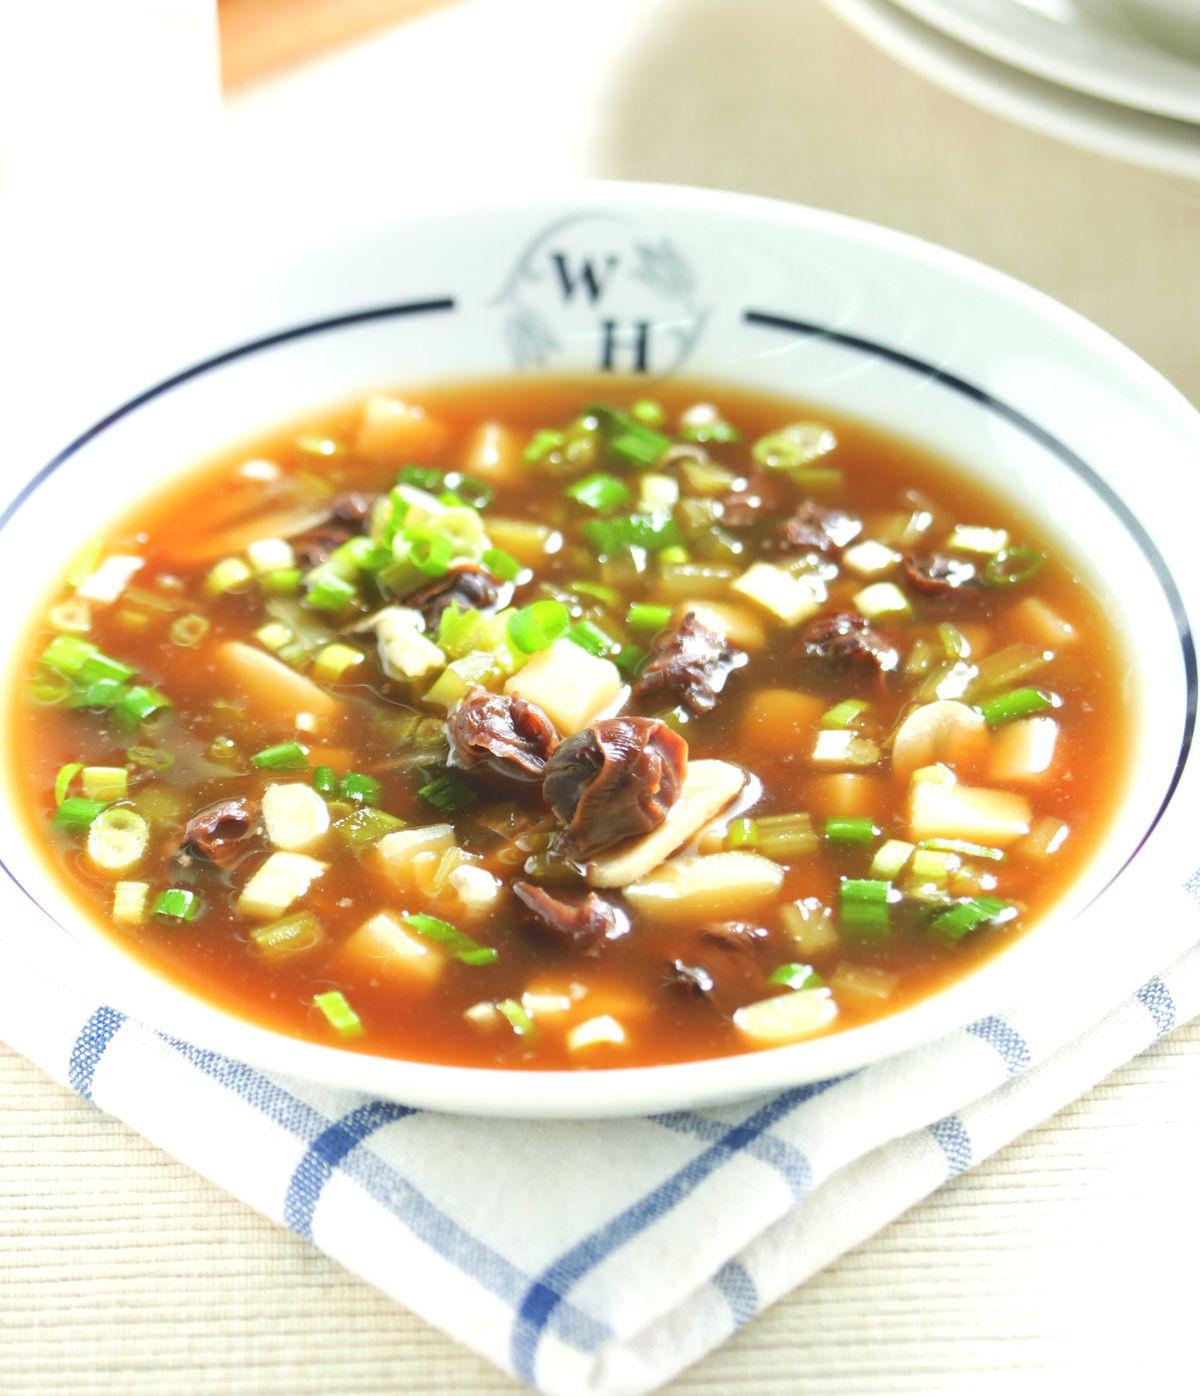 食譜:西芹螺肉濃湯